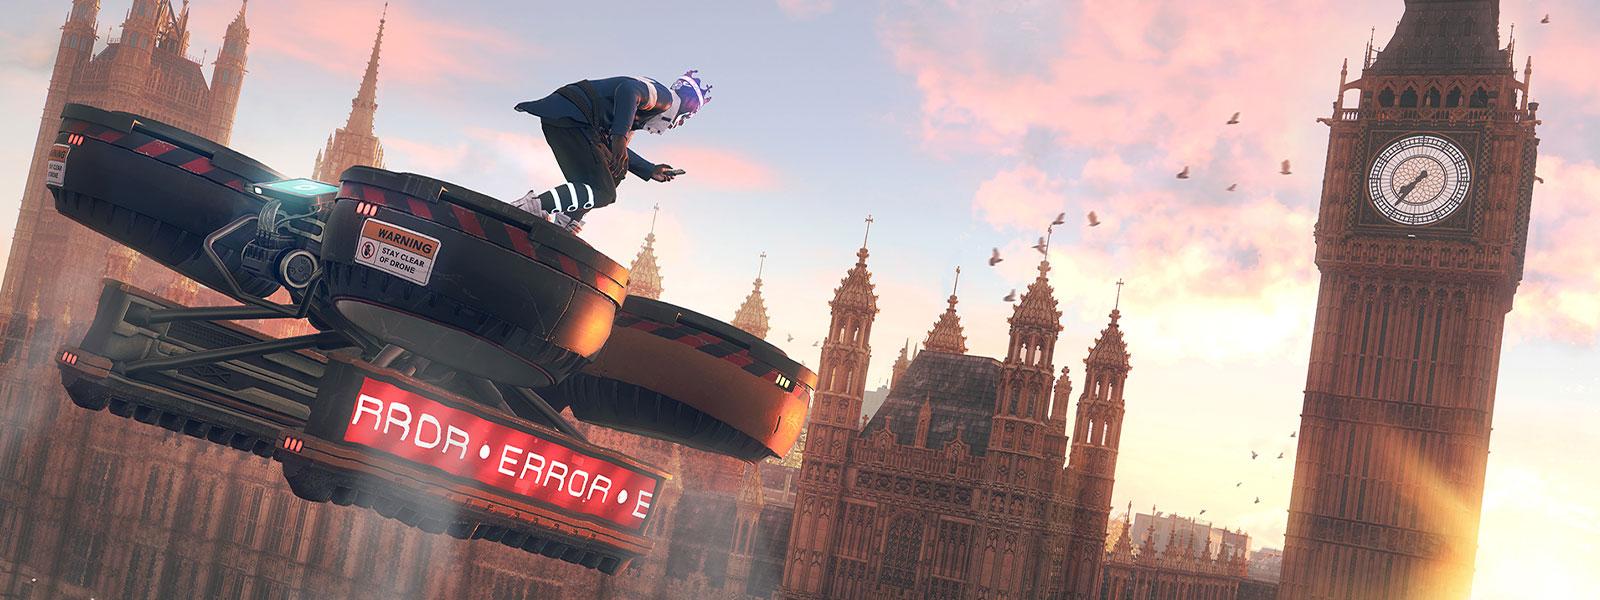 Personaje en un gran dron volando hacia Big Ben